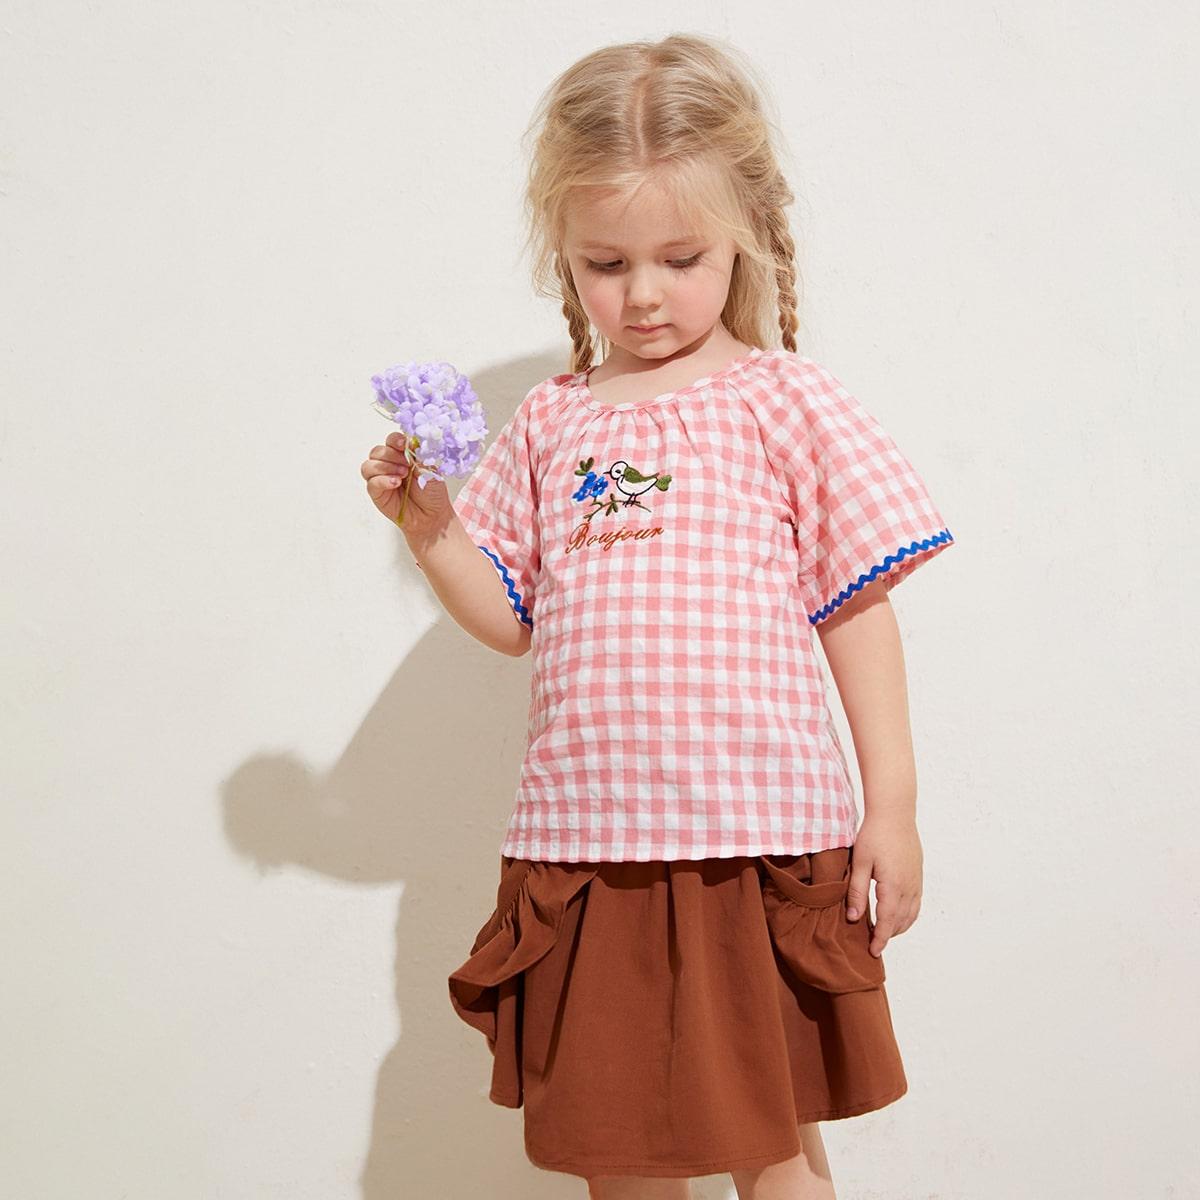 Пуговица буква повседневный блузы для девочек